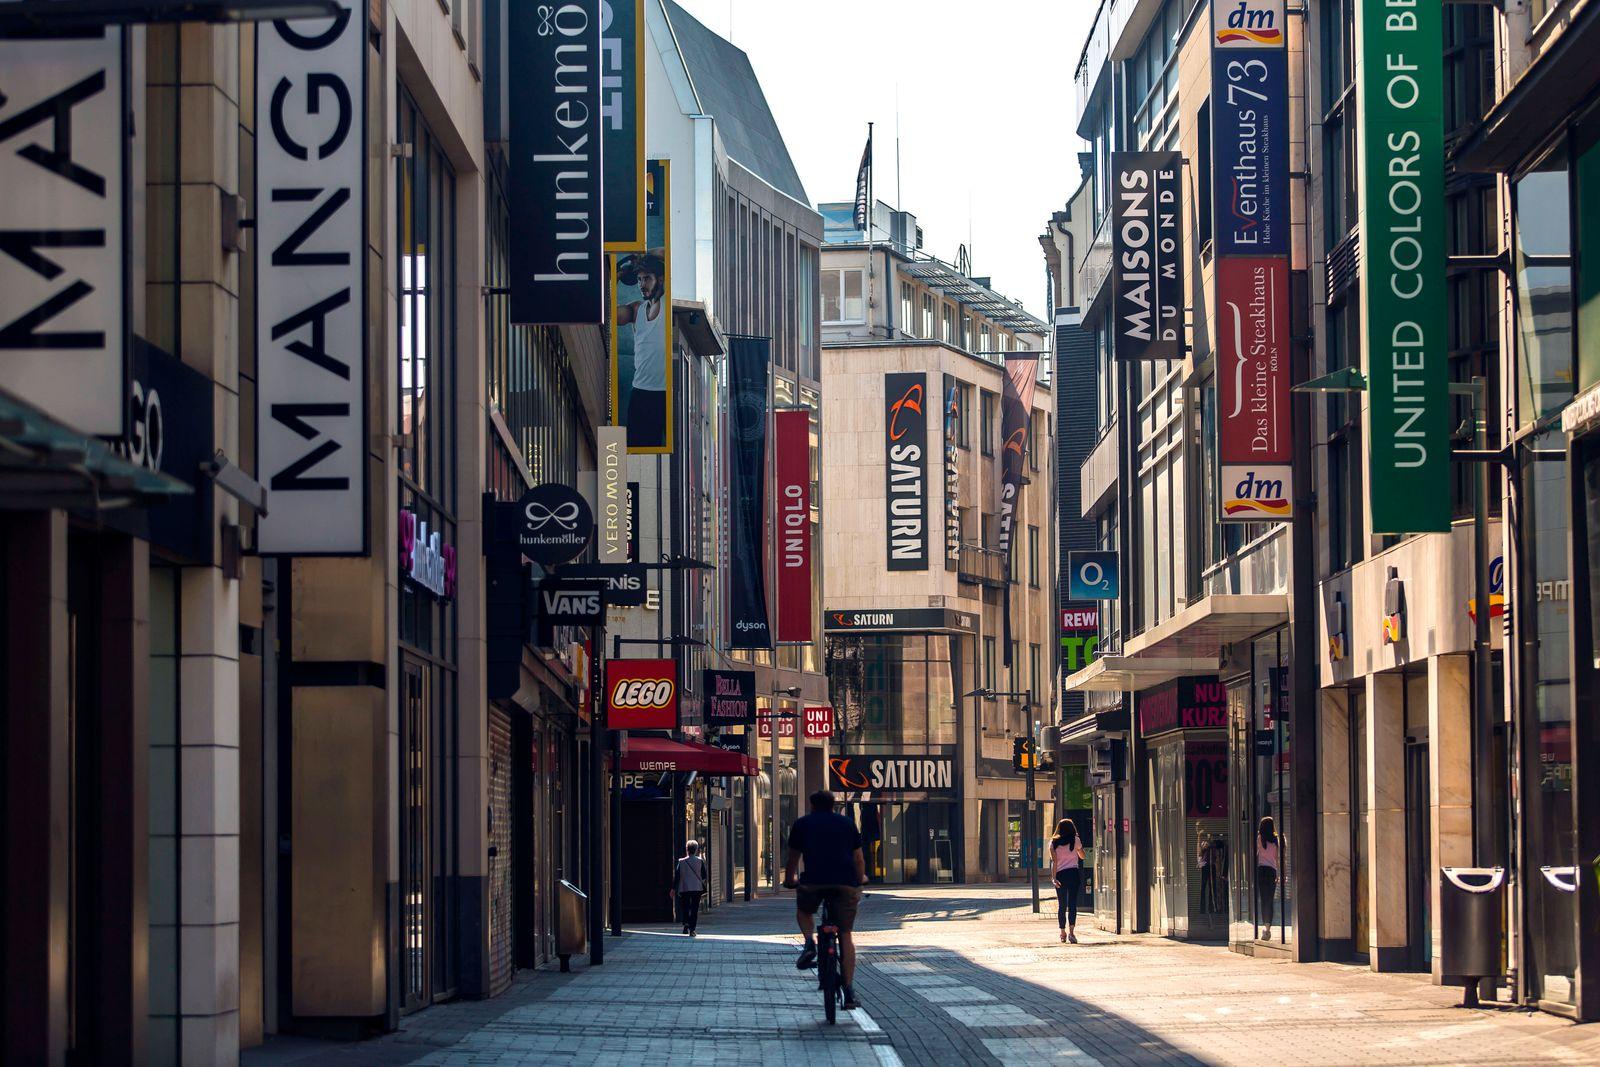 Wegen des Kontaktverbot und Ausgangsbeschränkungen aufgrund des Coronavirus war die Kölner Innenstadt - wie hier auf de